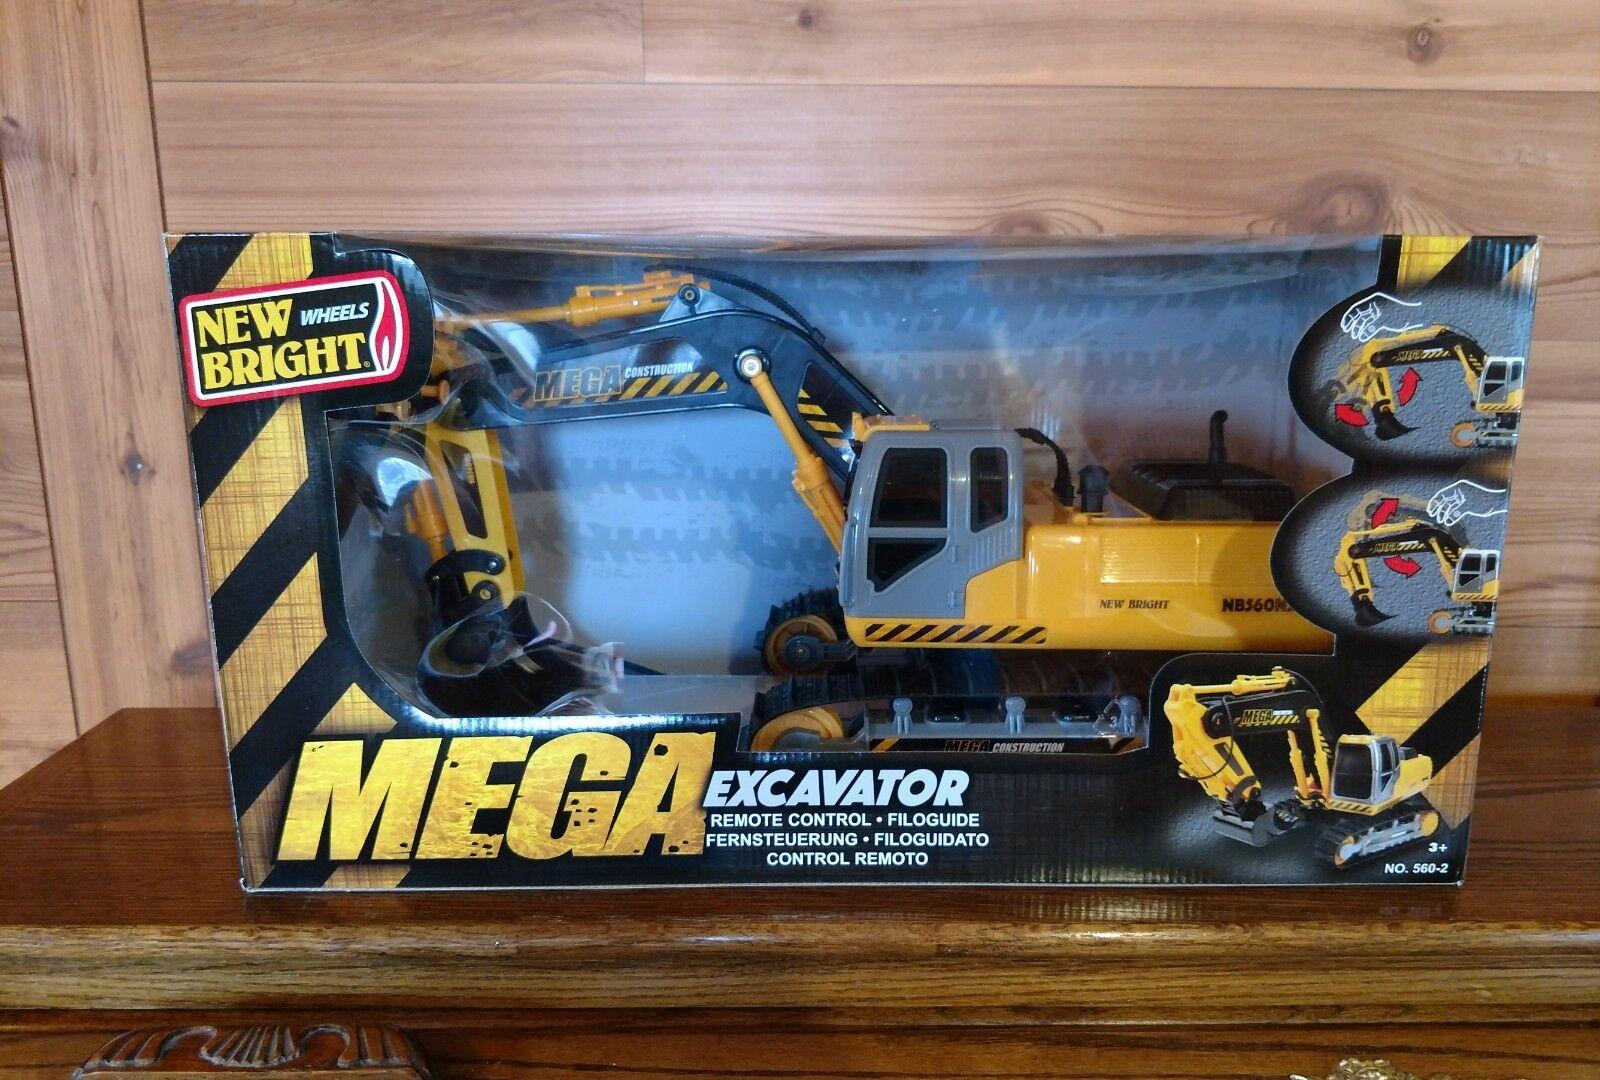 NEW BRIGHT NO.560-2 REMOTE CONTROL MEGA-EXCAVATOR - NEW IN ORIGINAL BOX